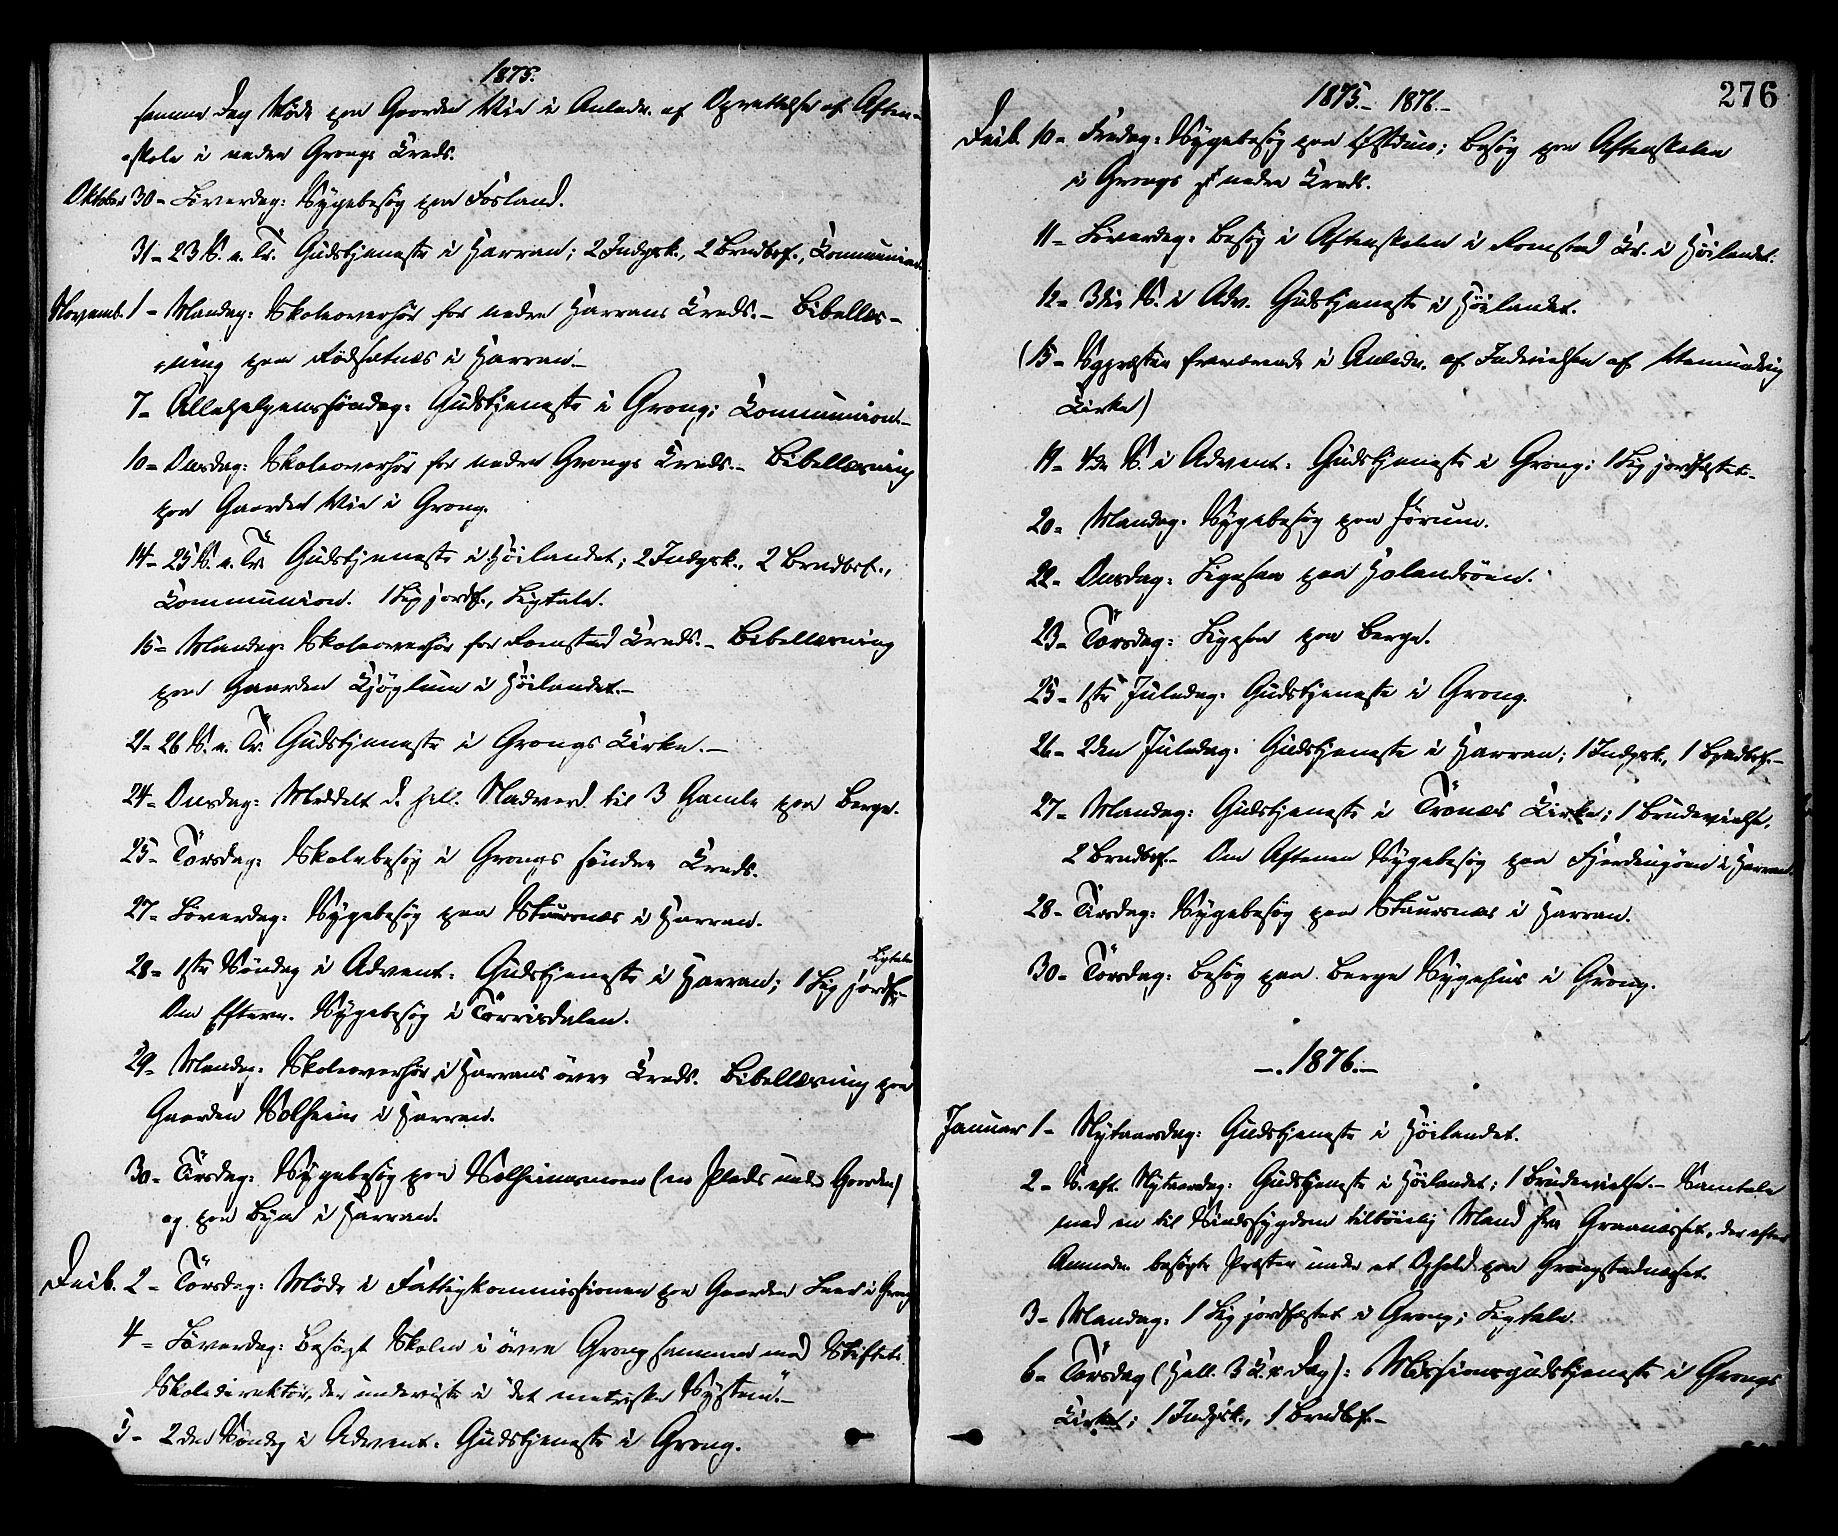 SAT, Ministerialprotokoller, klokkerbøker og fødselsregistre - Nord-Trøndelag, 758/L0516: Ministerialbok nr. 758A03 /1, 1869-1879, s. 276